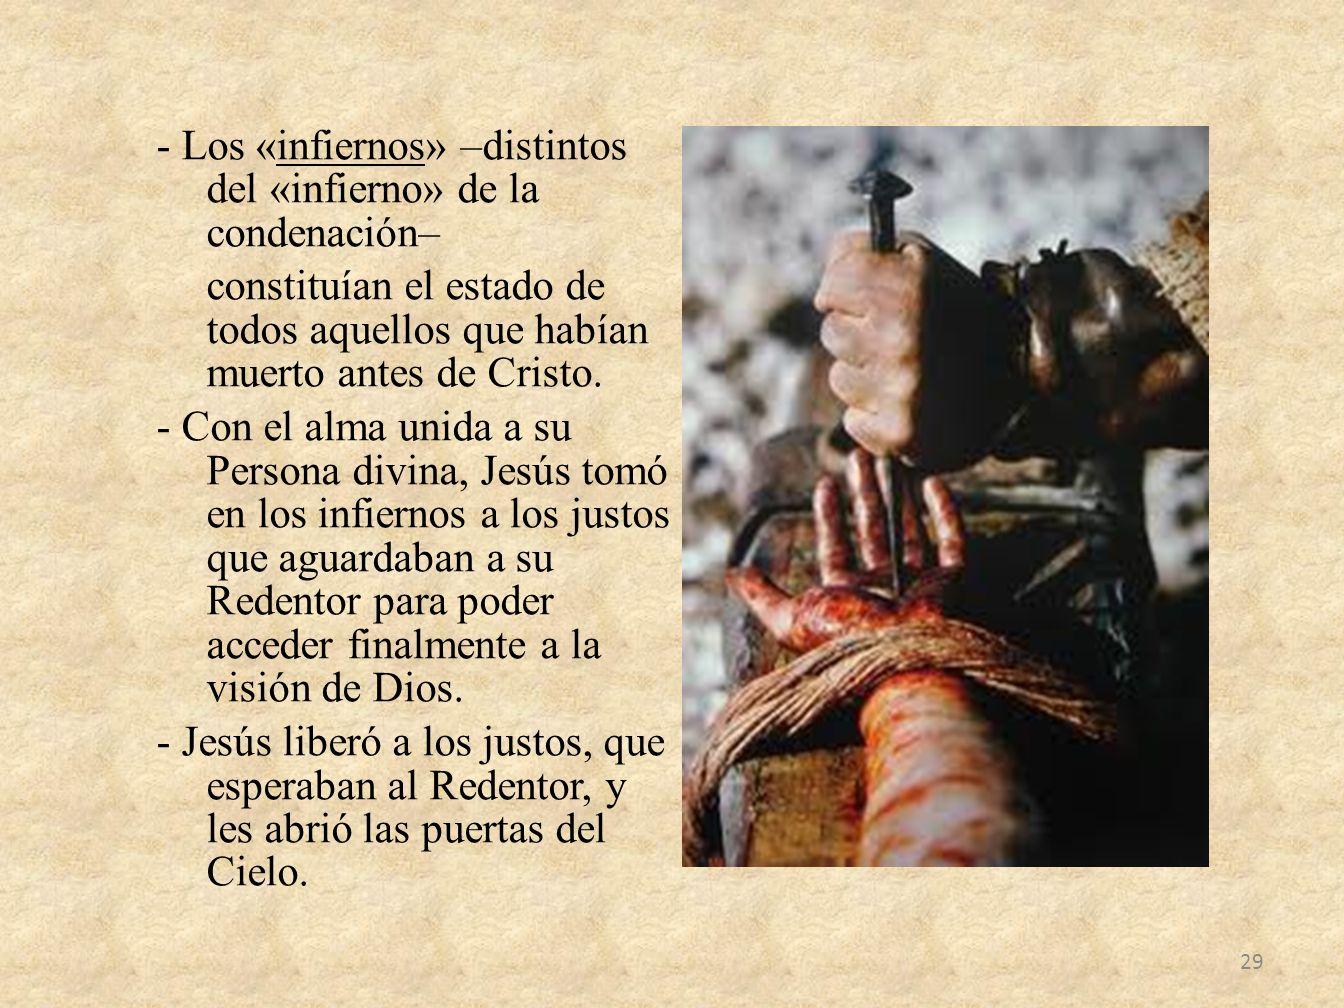 - Los «infiernos» –distintos del «infierno» de la condenación– constituían el estado de todos aquellos que habían muerto antes de Cristo.